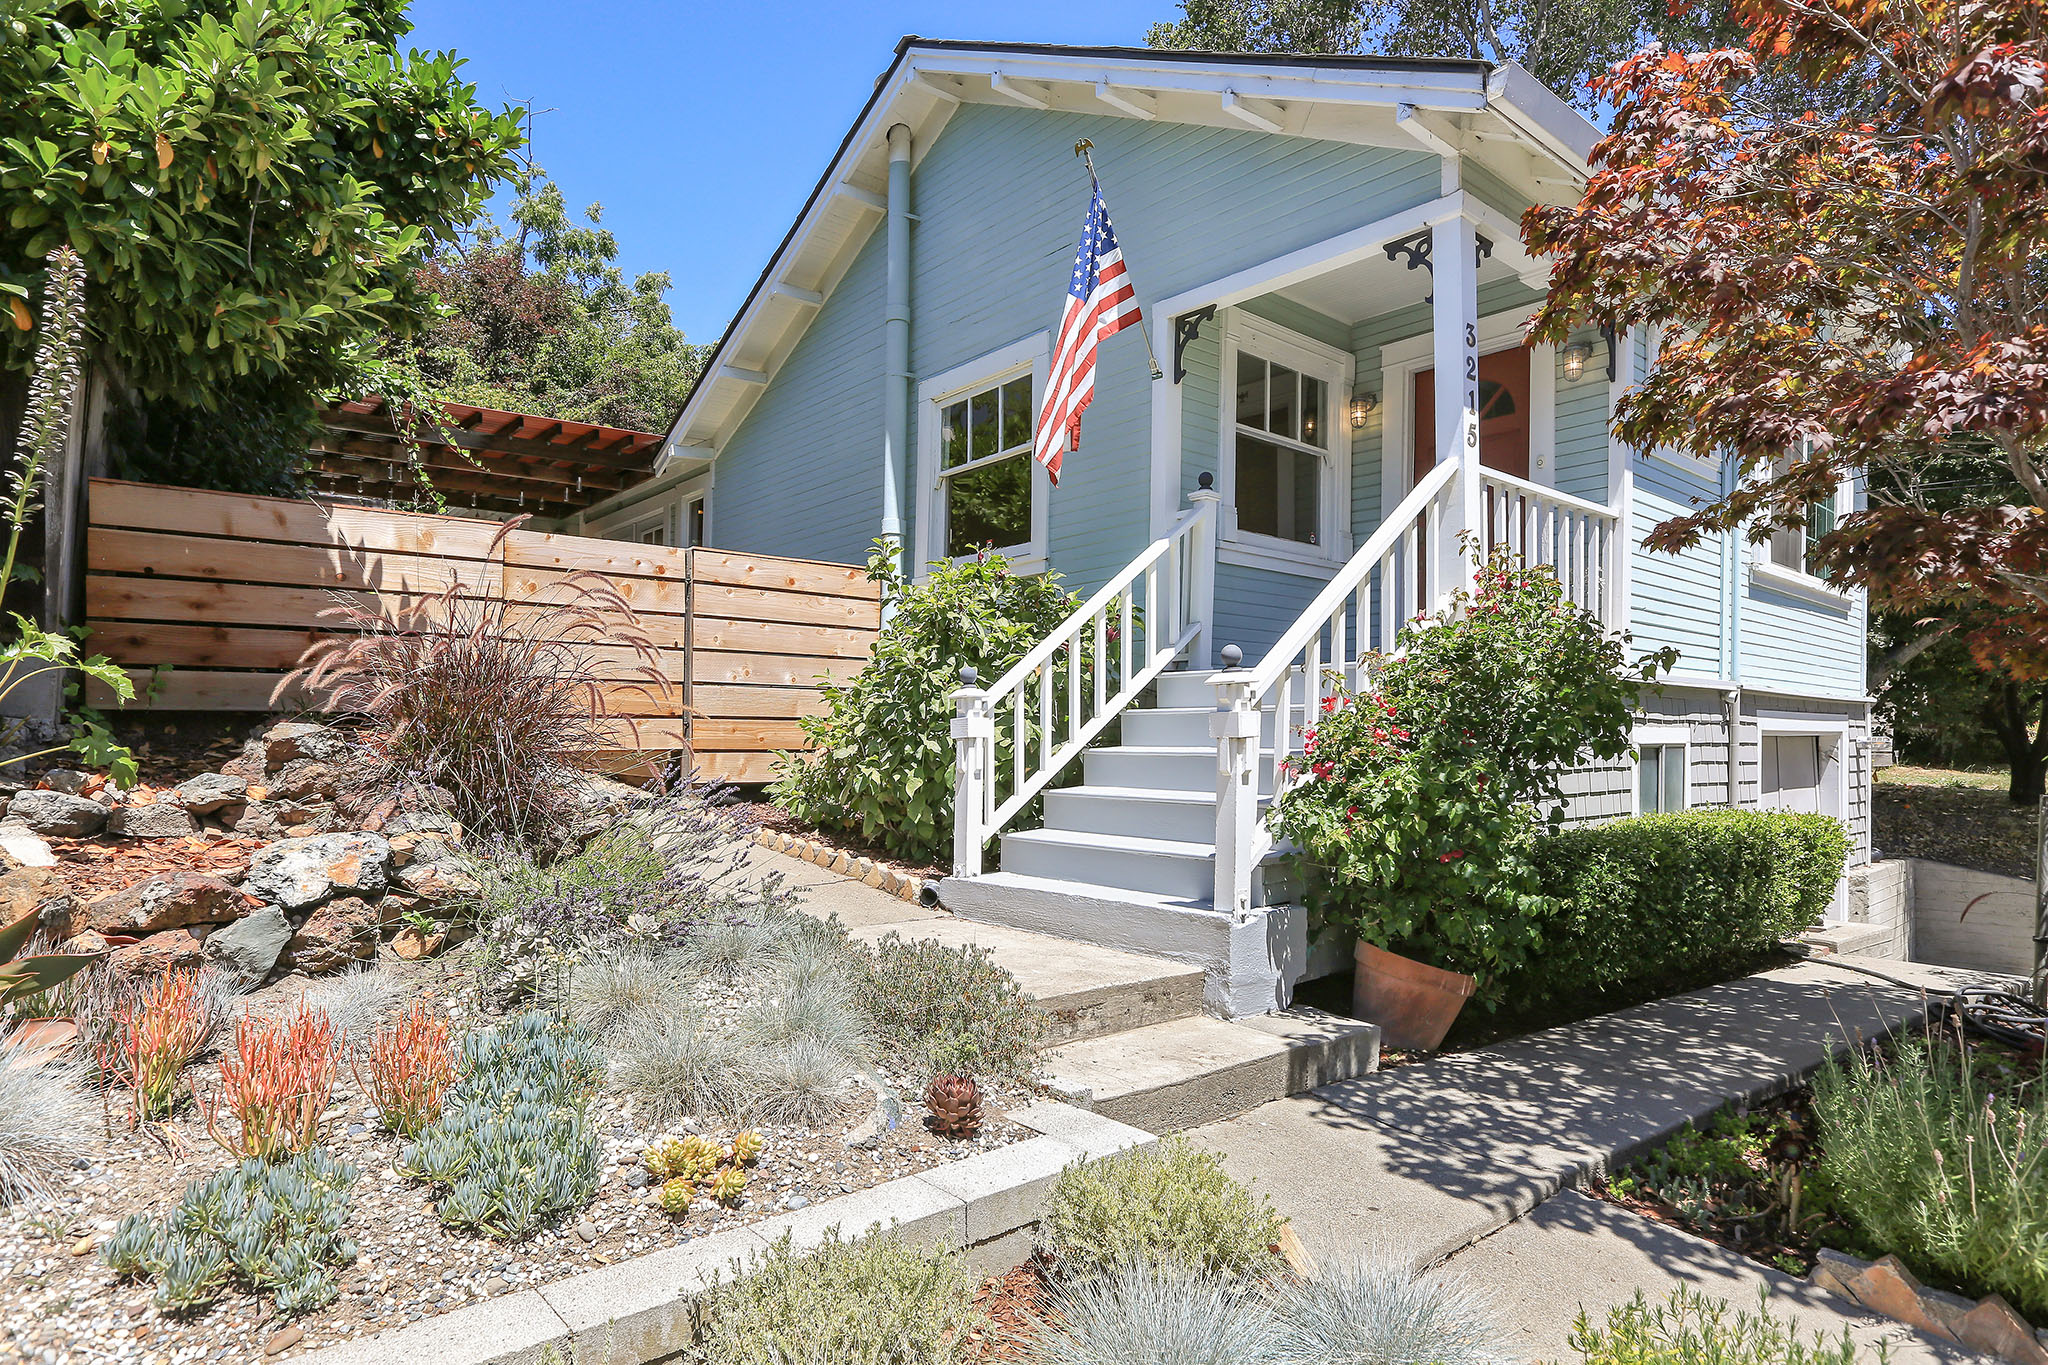 3215 Morcom Ave, Oakland, CA 94619